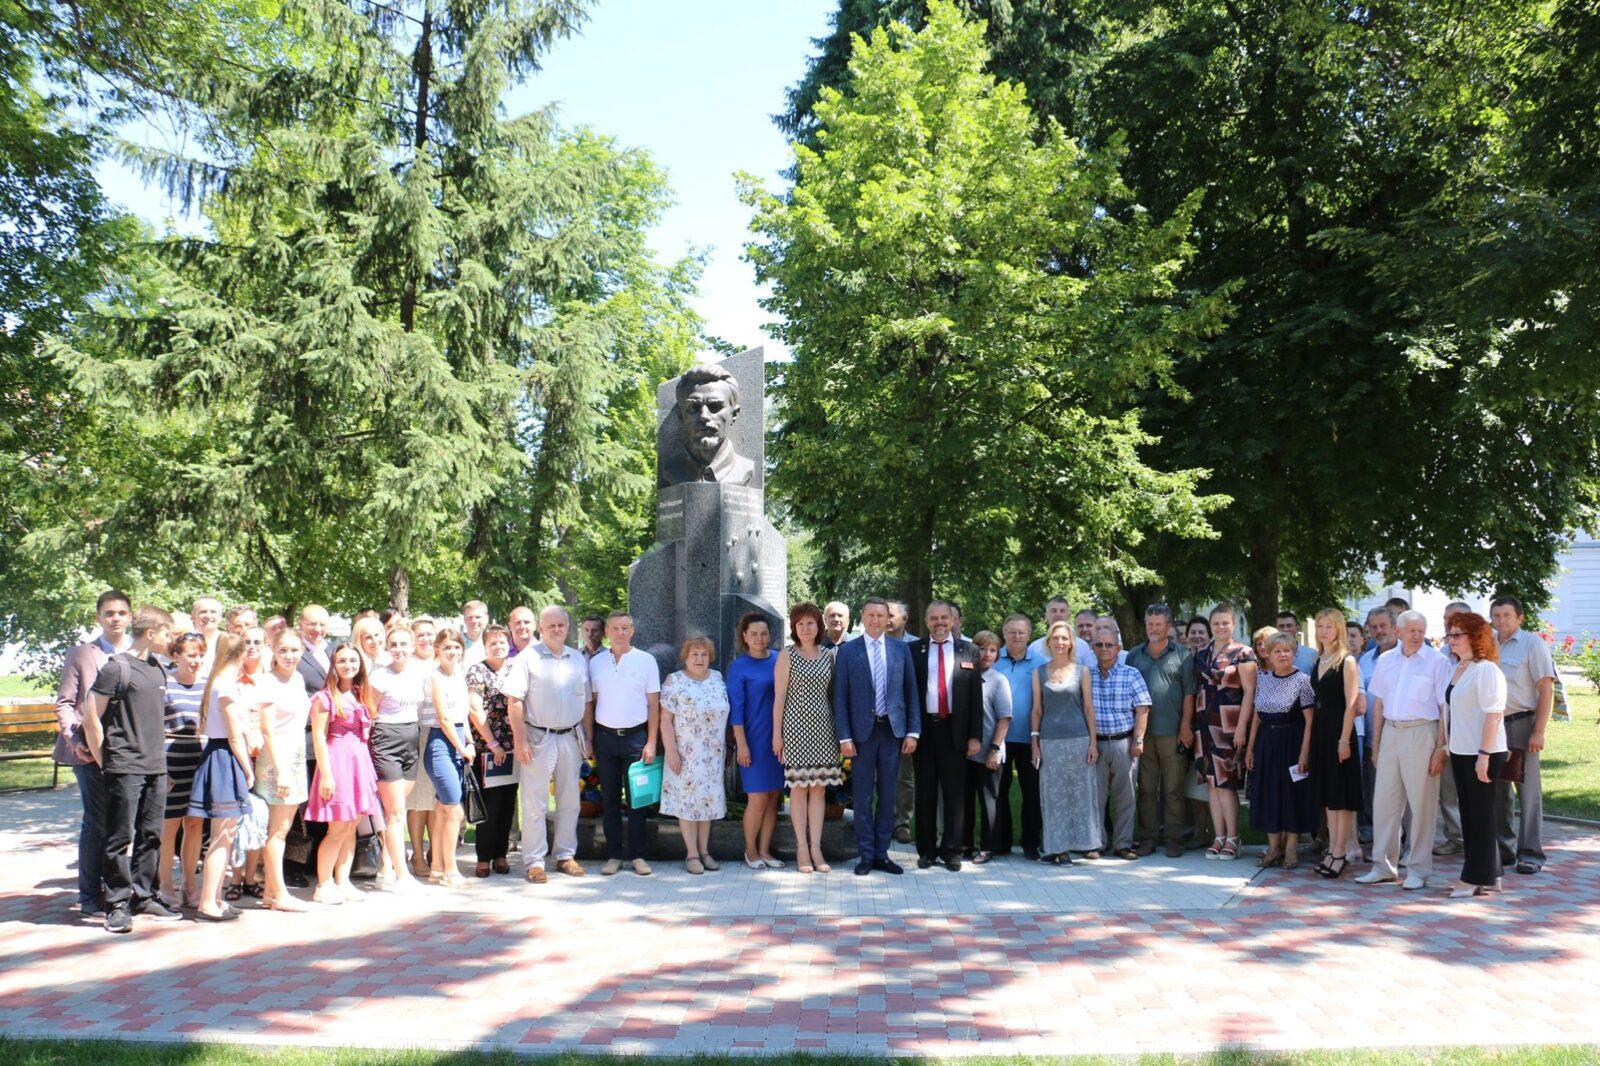 в Полтавському музеї авіації і космонавтики відбувся захід з нагоди Дня народження Ю. Кондратюка